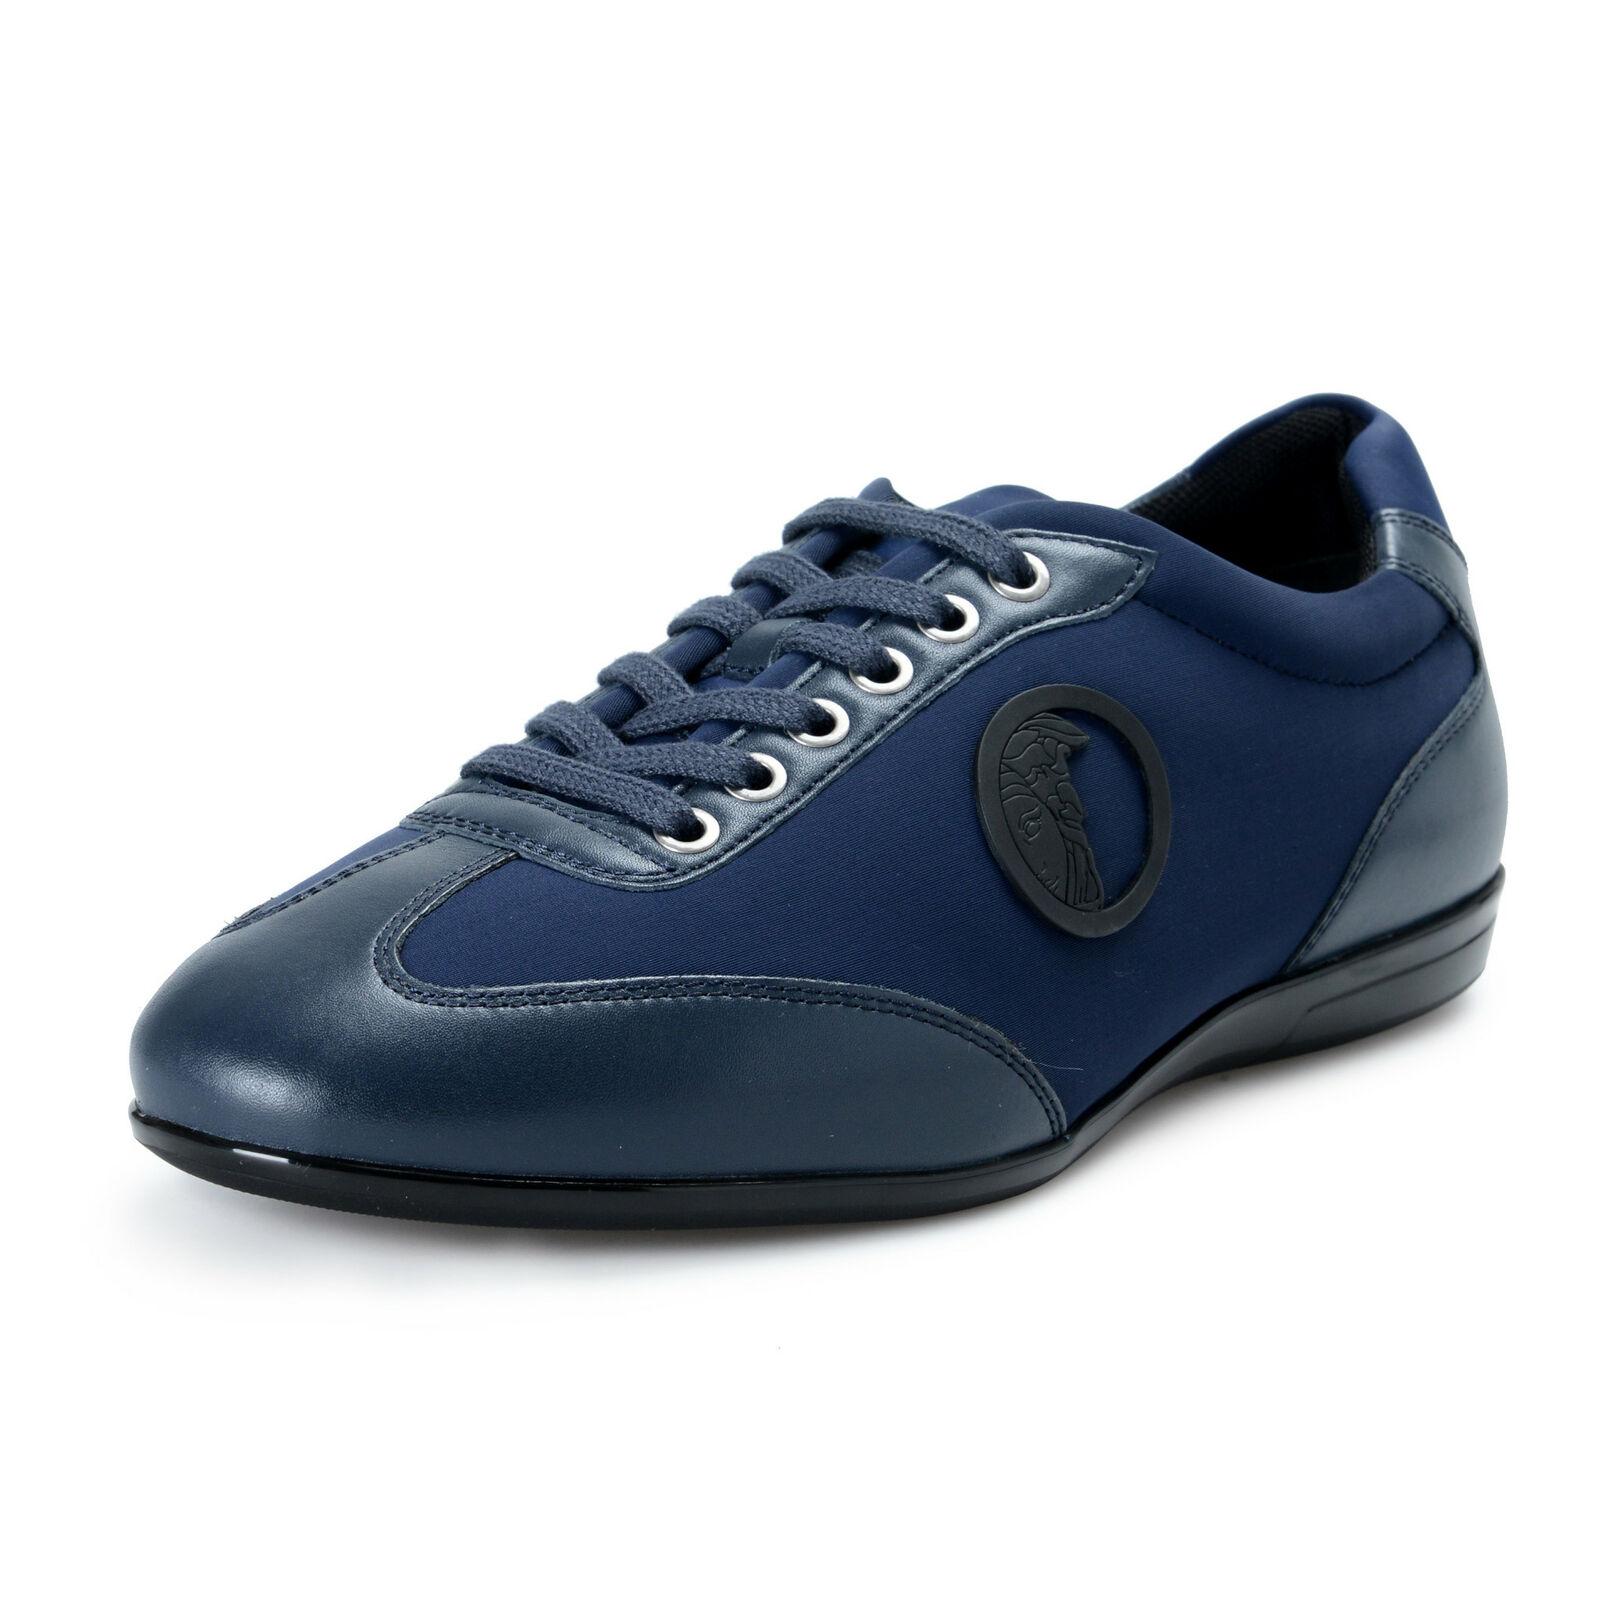 Versace Collection Uomo Blu in pelle e Tela scarpe da ginnastica Alla Moda Scarpe Misura 7 9